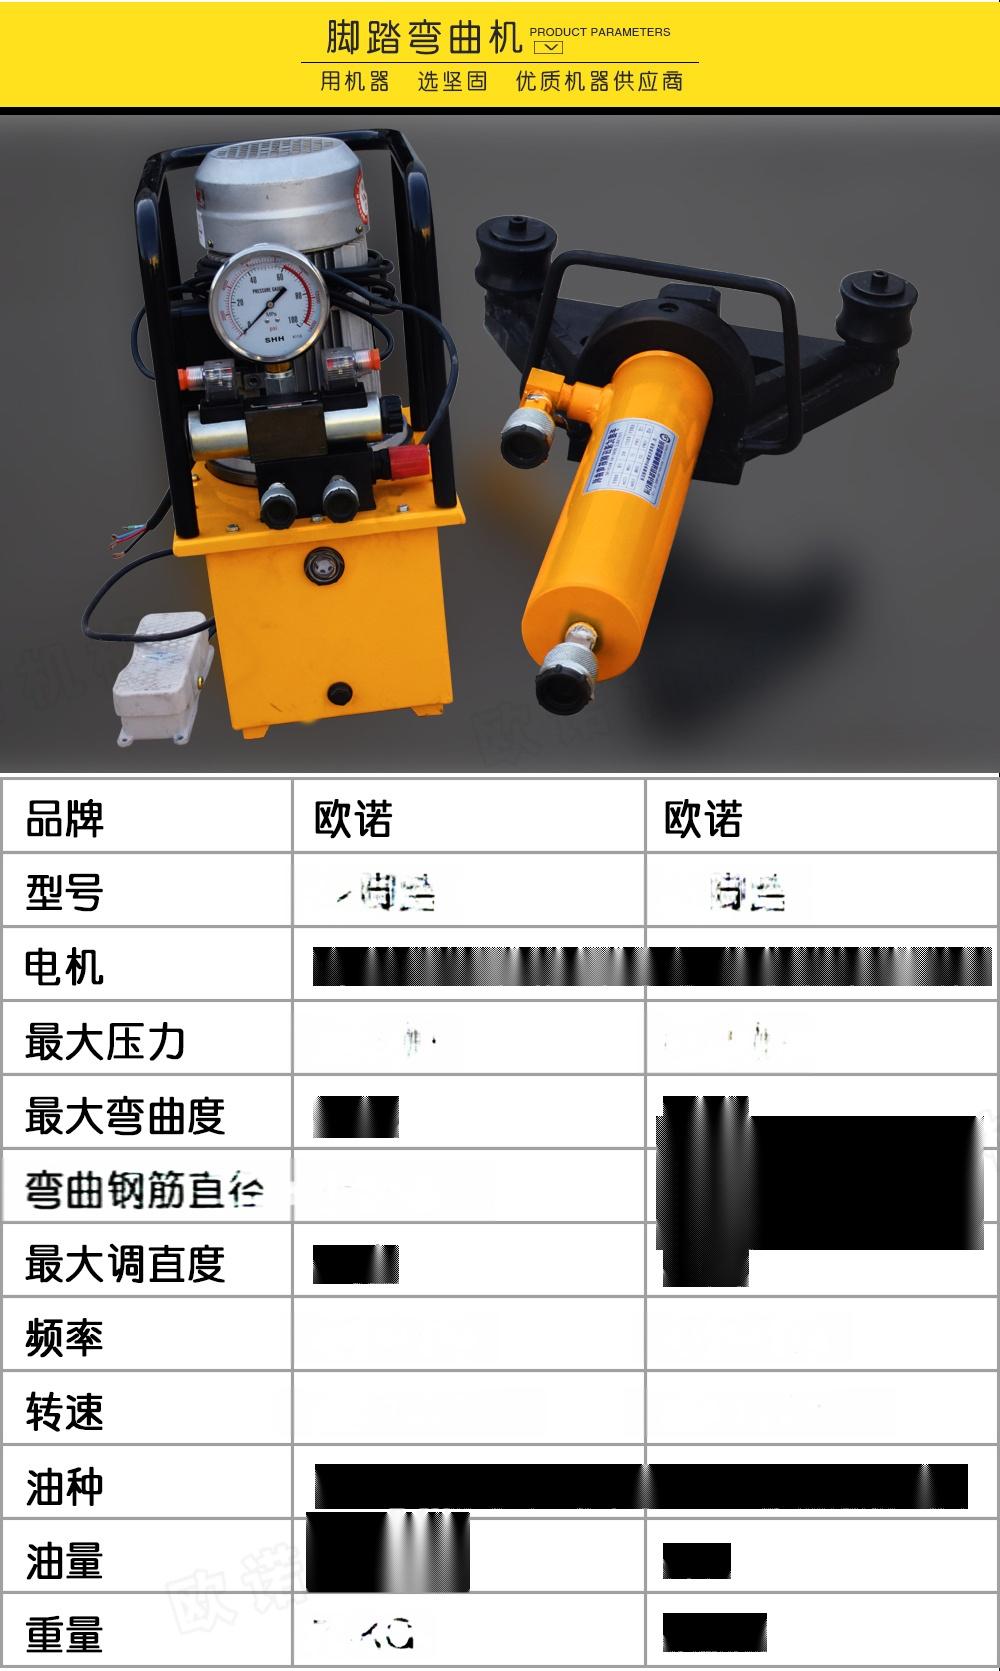 32型手提式鋼筋彎曲機 全自動鋼筋折彎機98724822